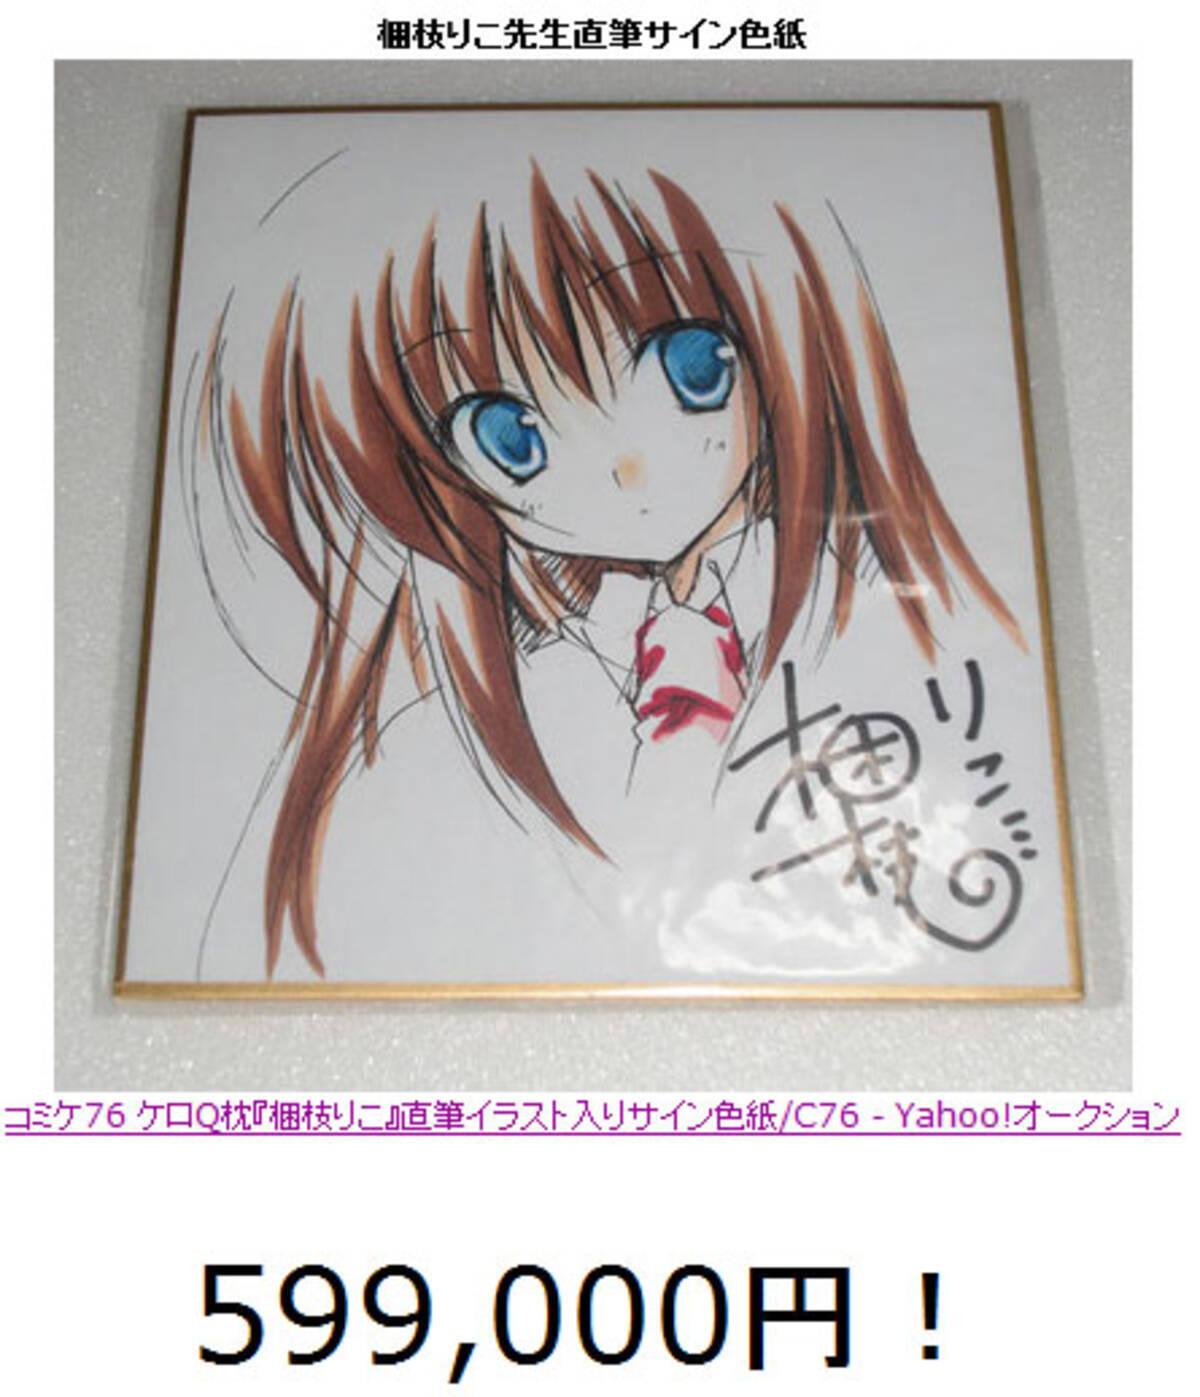 オタク向け転売 タダ同然で入手し ヤフオク で60万円 2009年8月